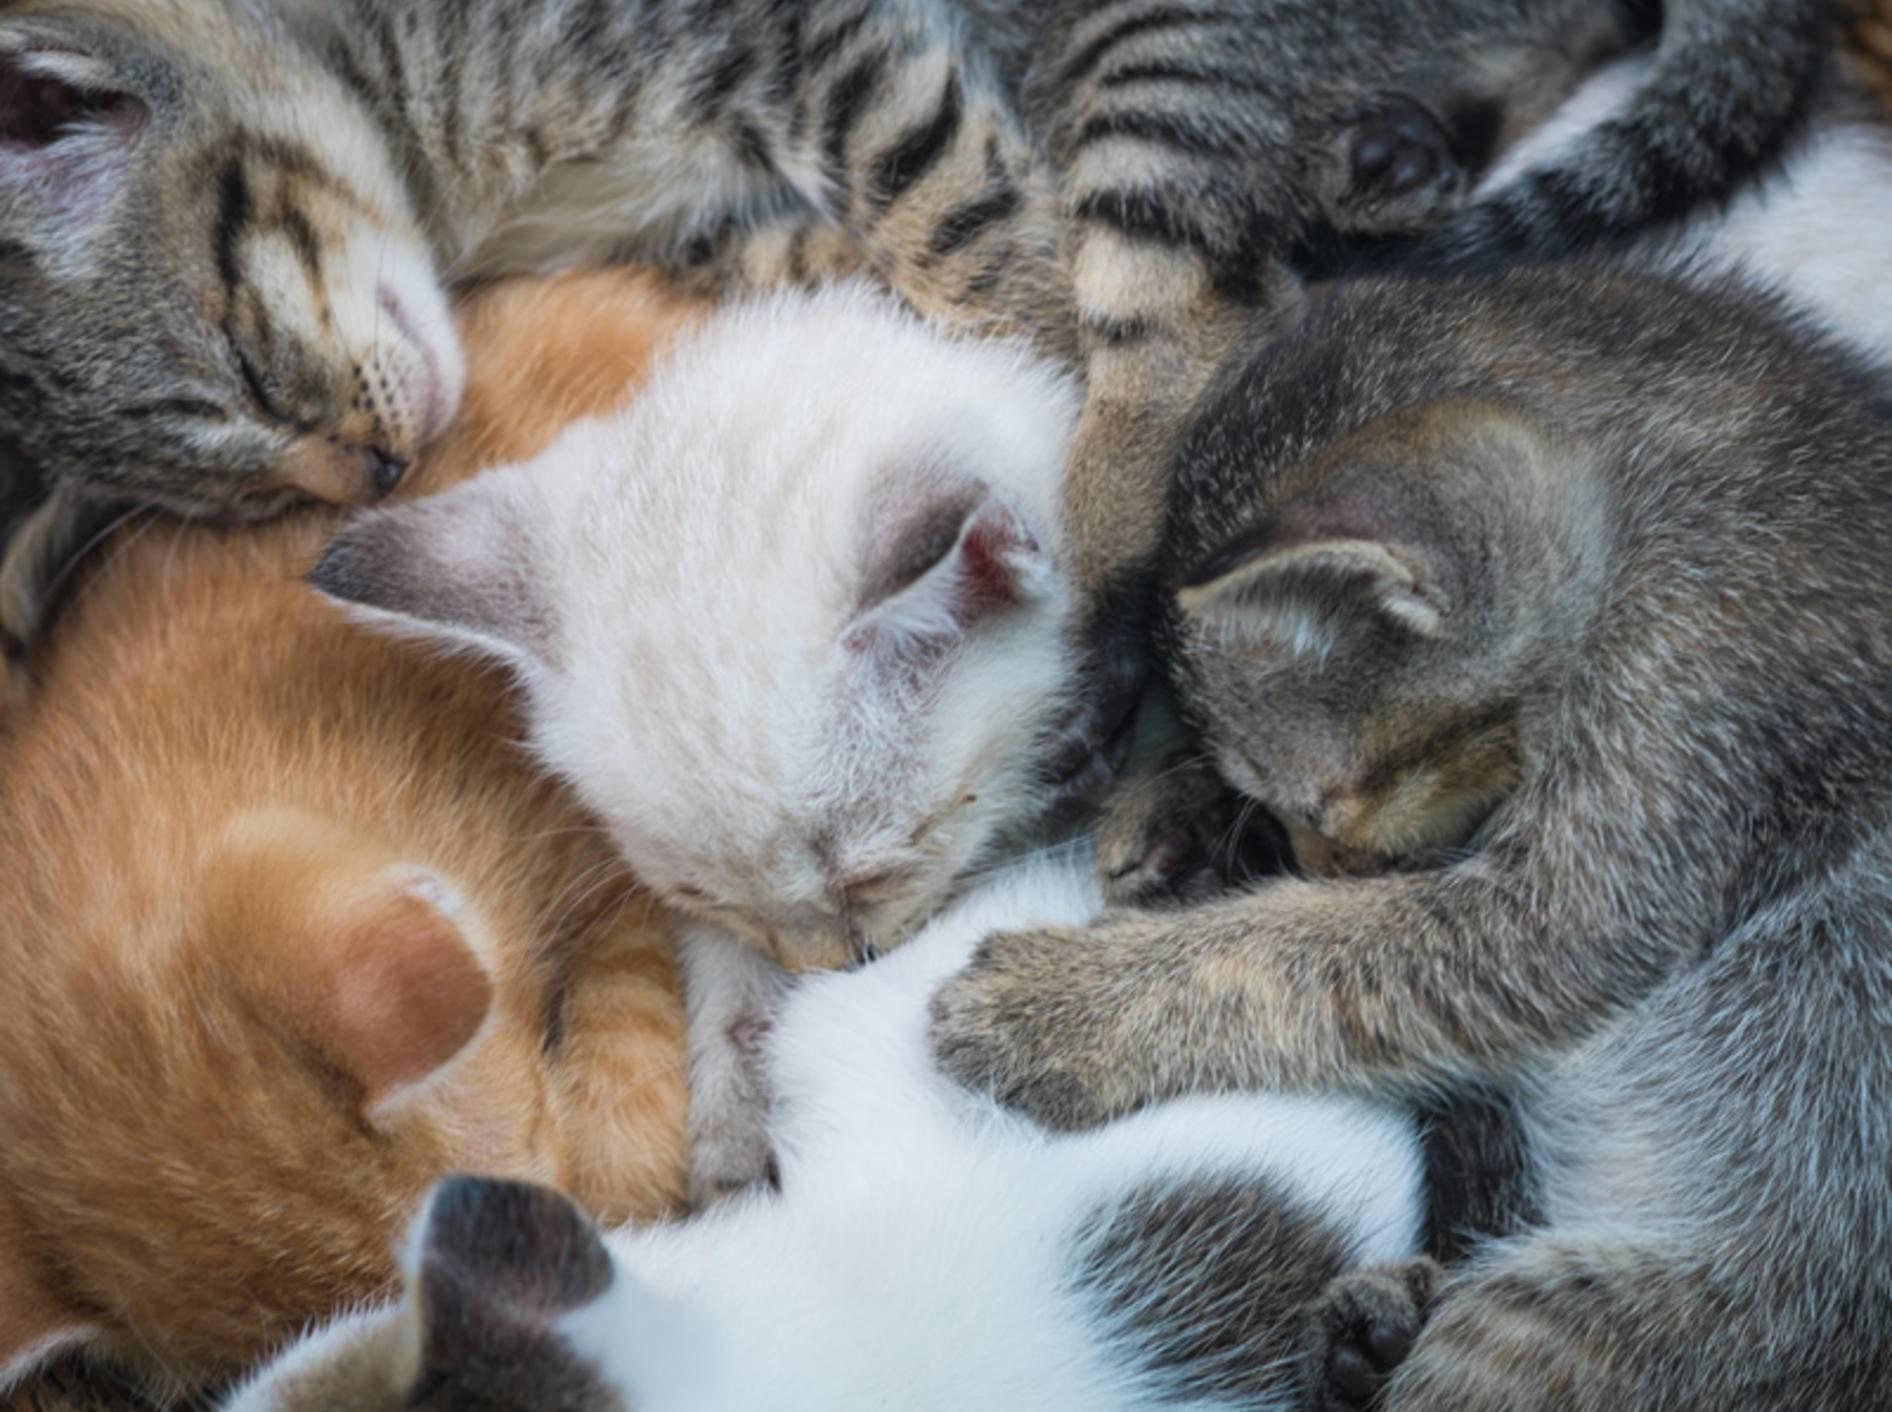 Das Einzige, was süßer ist als ein schlafendes Katzenbaby: Viele schlafende Katzenbabys! — Bild: Shutterstock / Good Shop Background